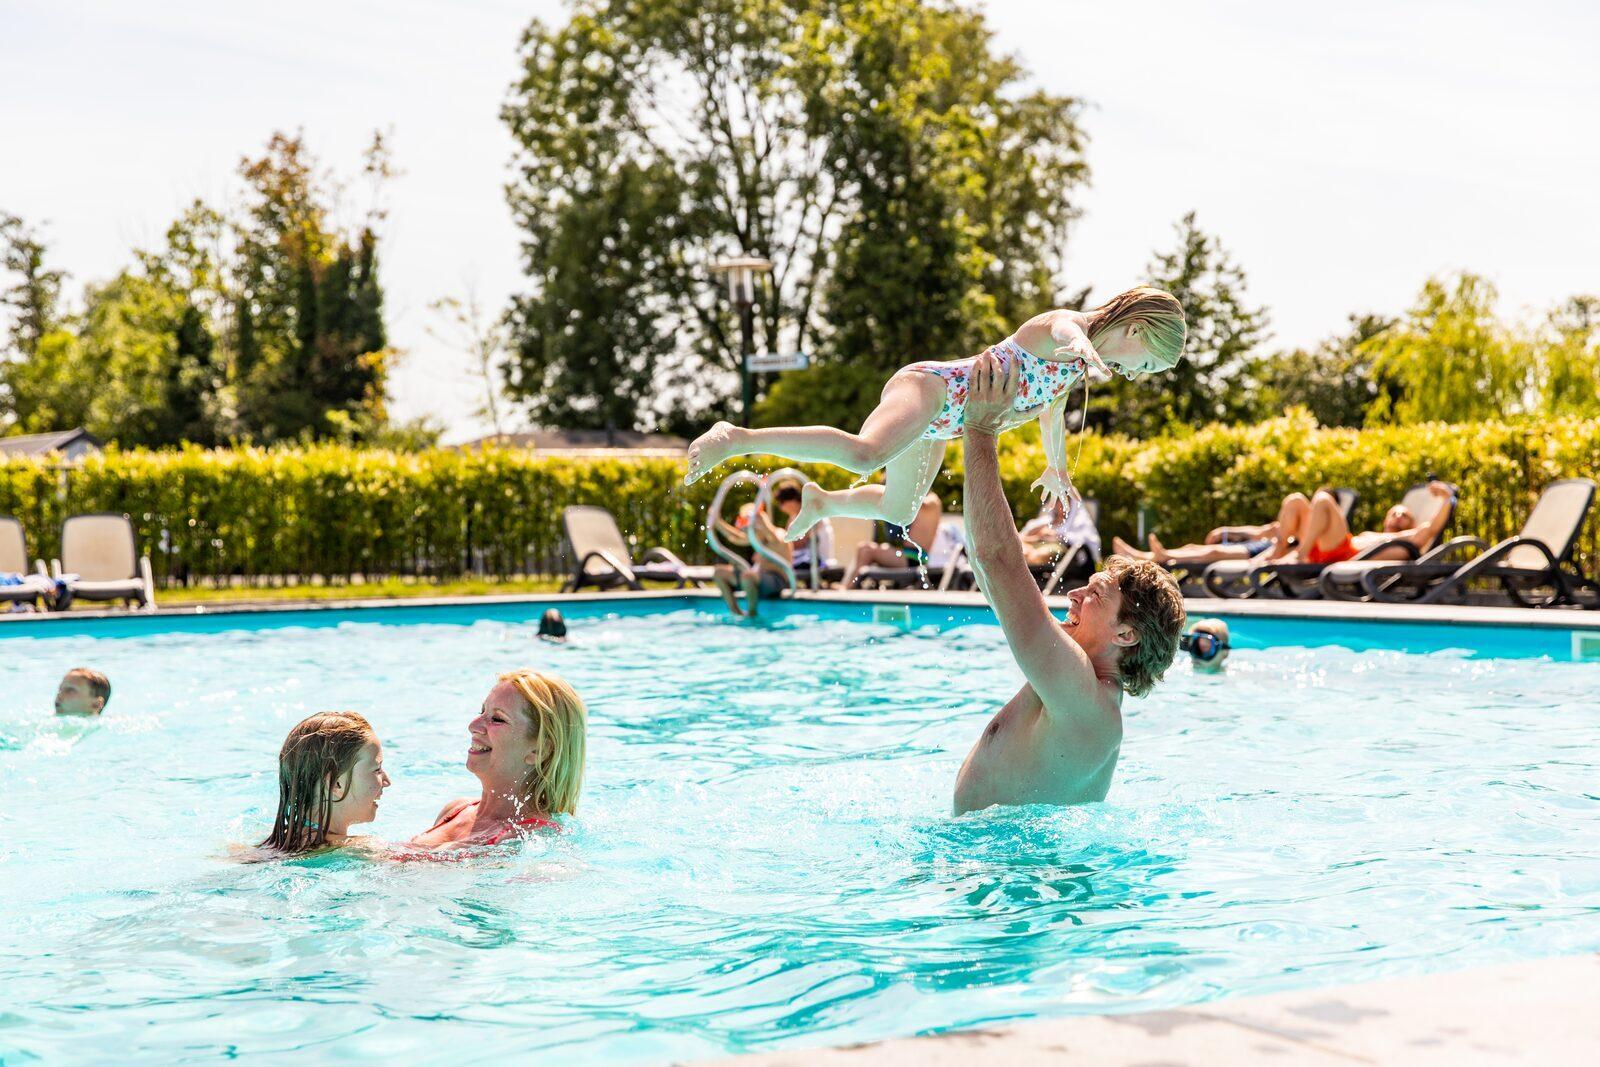 Parc de vacances avec piscine aux Pays-Bas